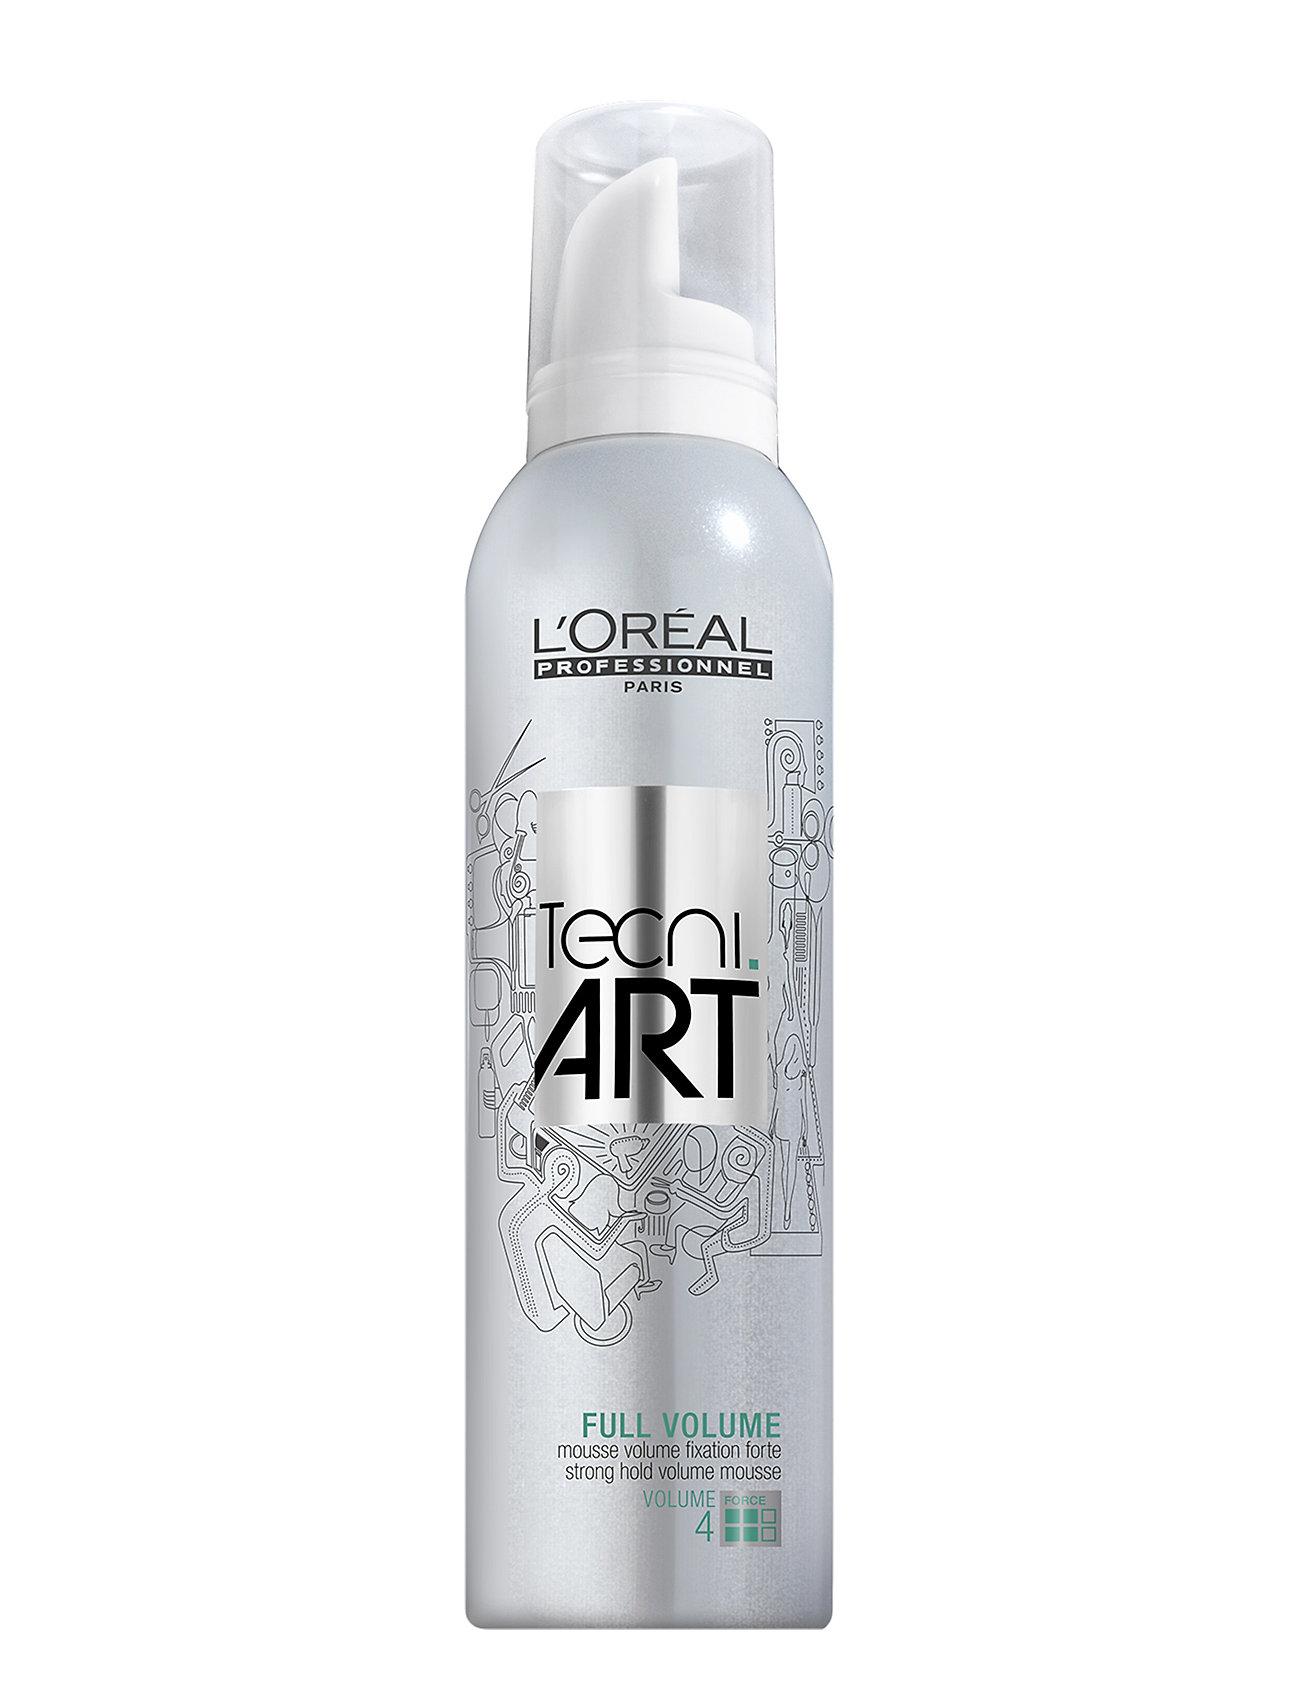 L'OréAl Professionnel Mousse Full Volume - L'Oréal Professionnel